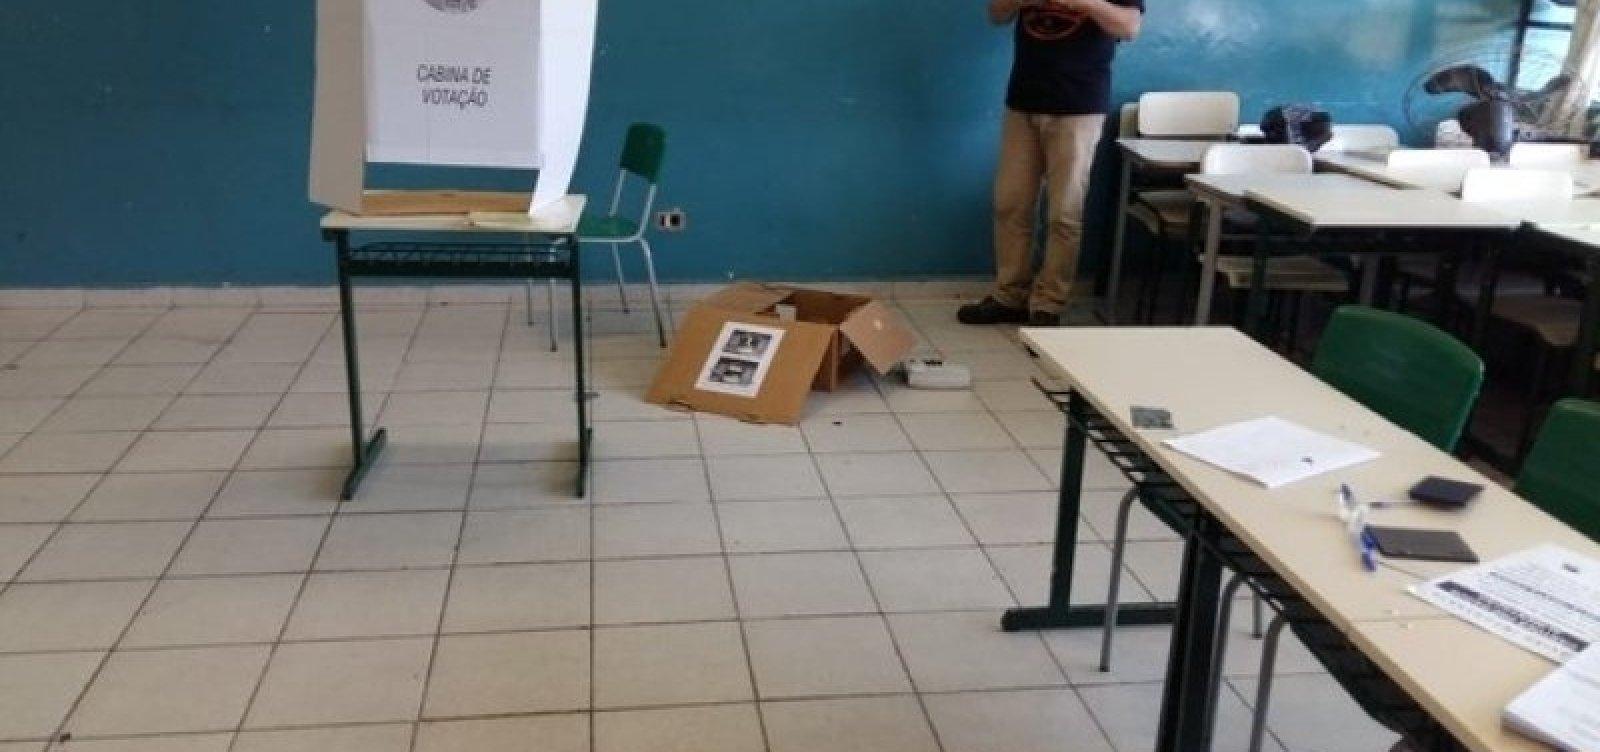 [Vândalos invadem escola e destroem 10 urnas eletrônicas em Sorocaba]